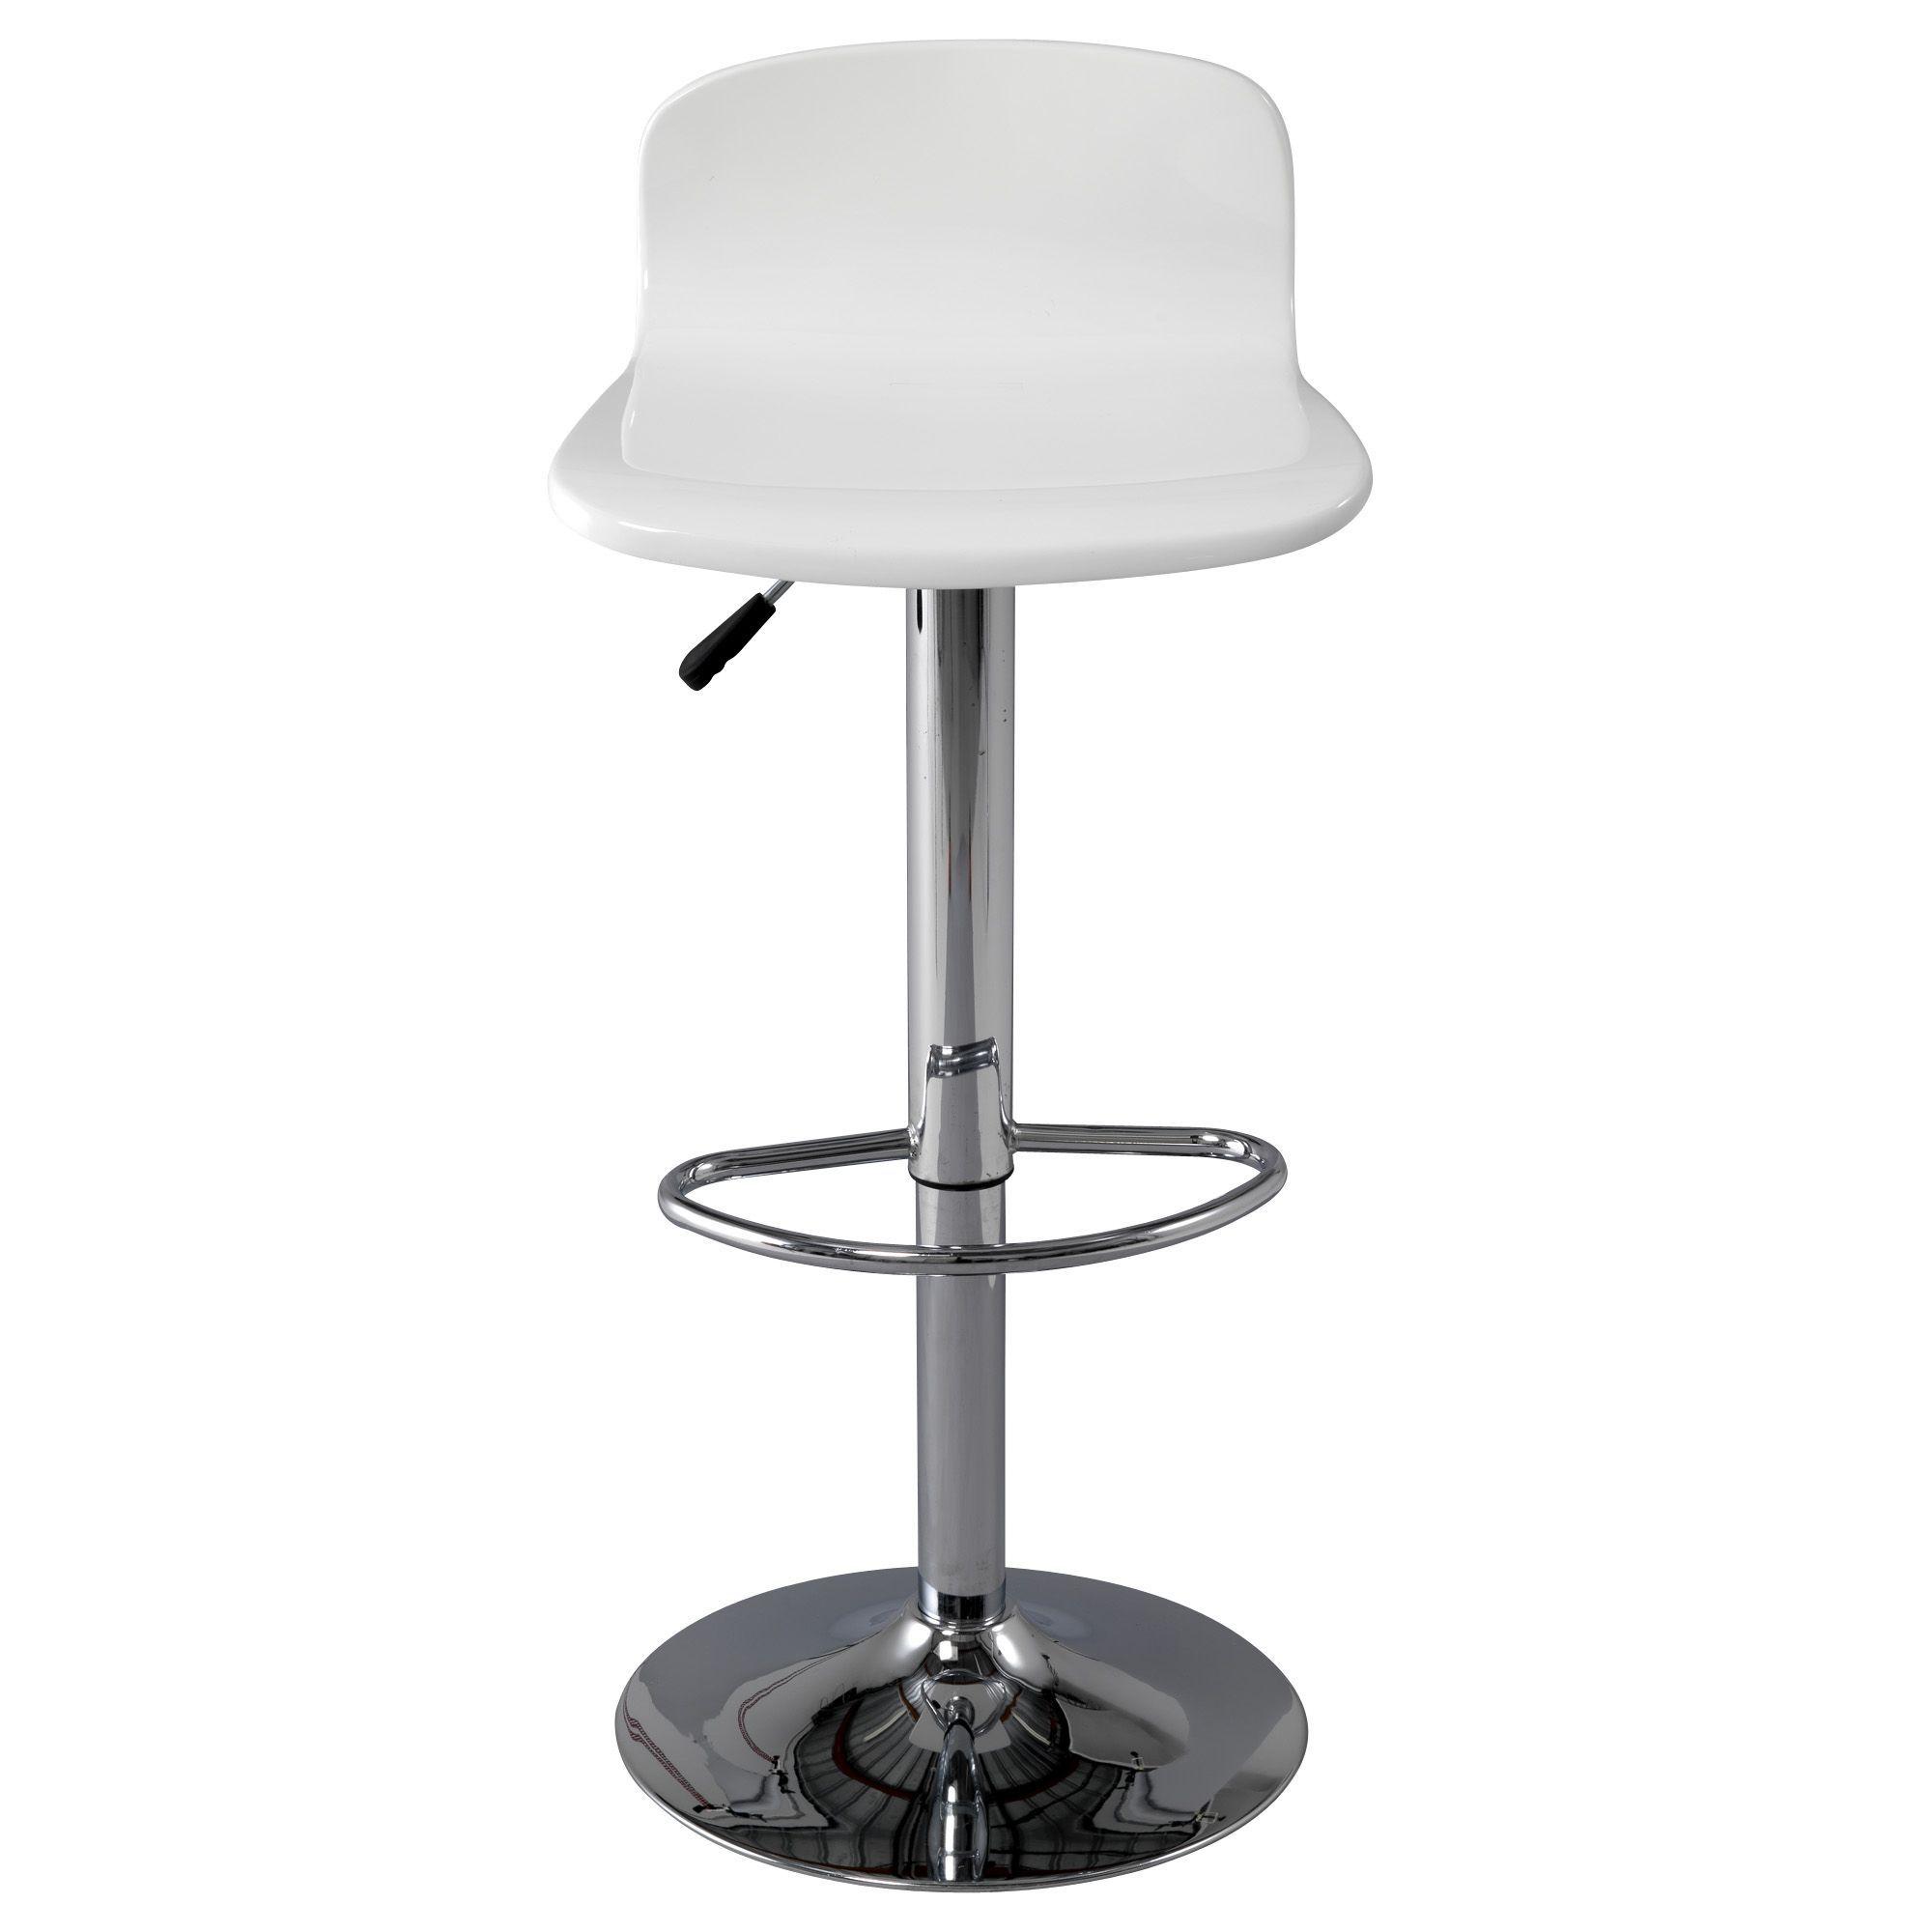 tabouret haut de bar blanc basil les tabourets hauts. Black Bedroom Furniture Sets. Home Design Ideas